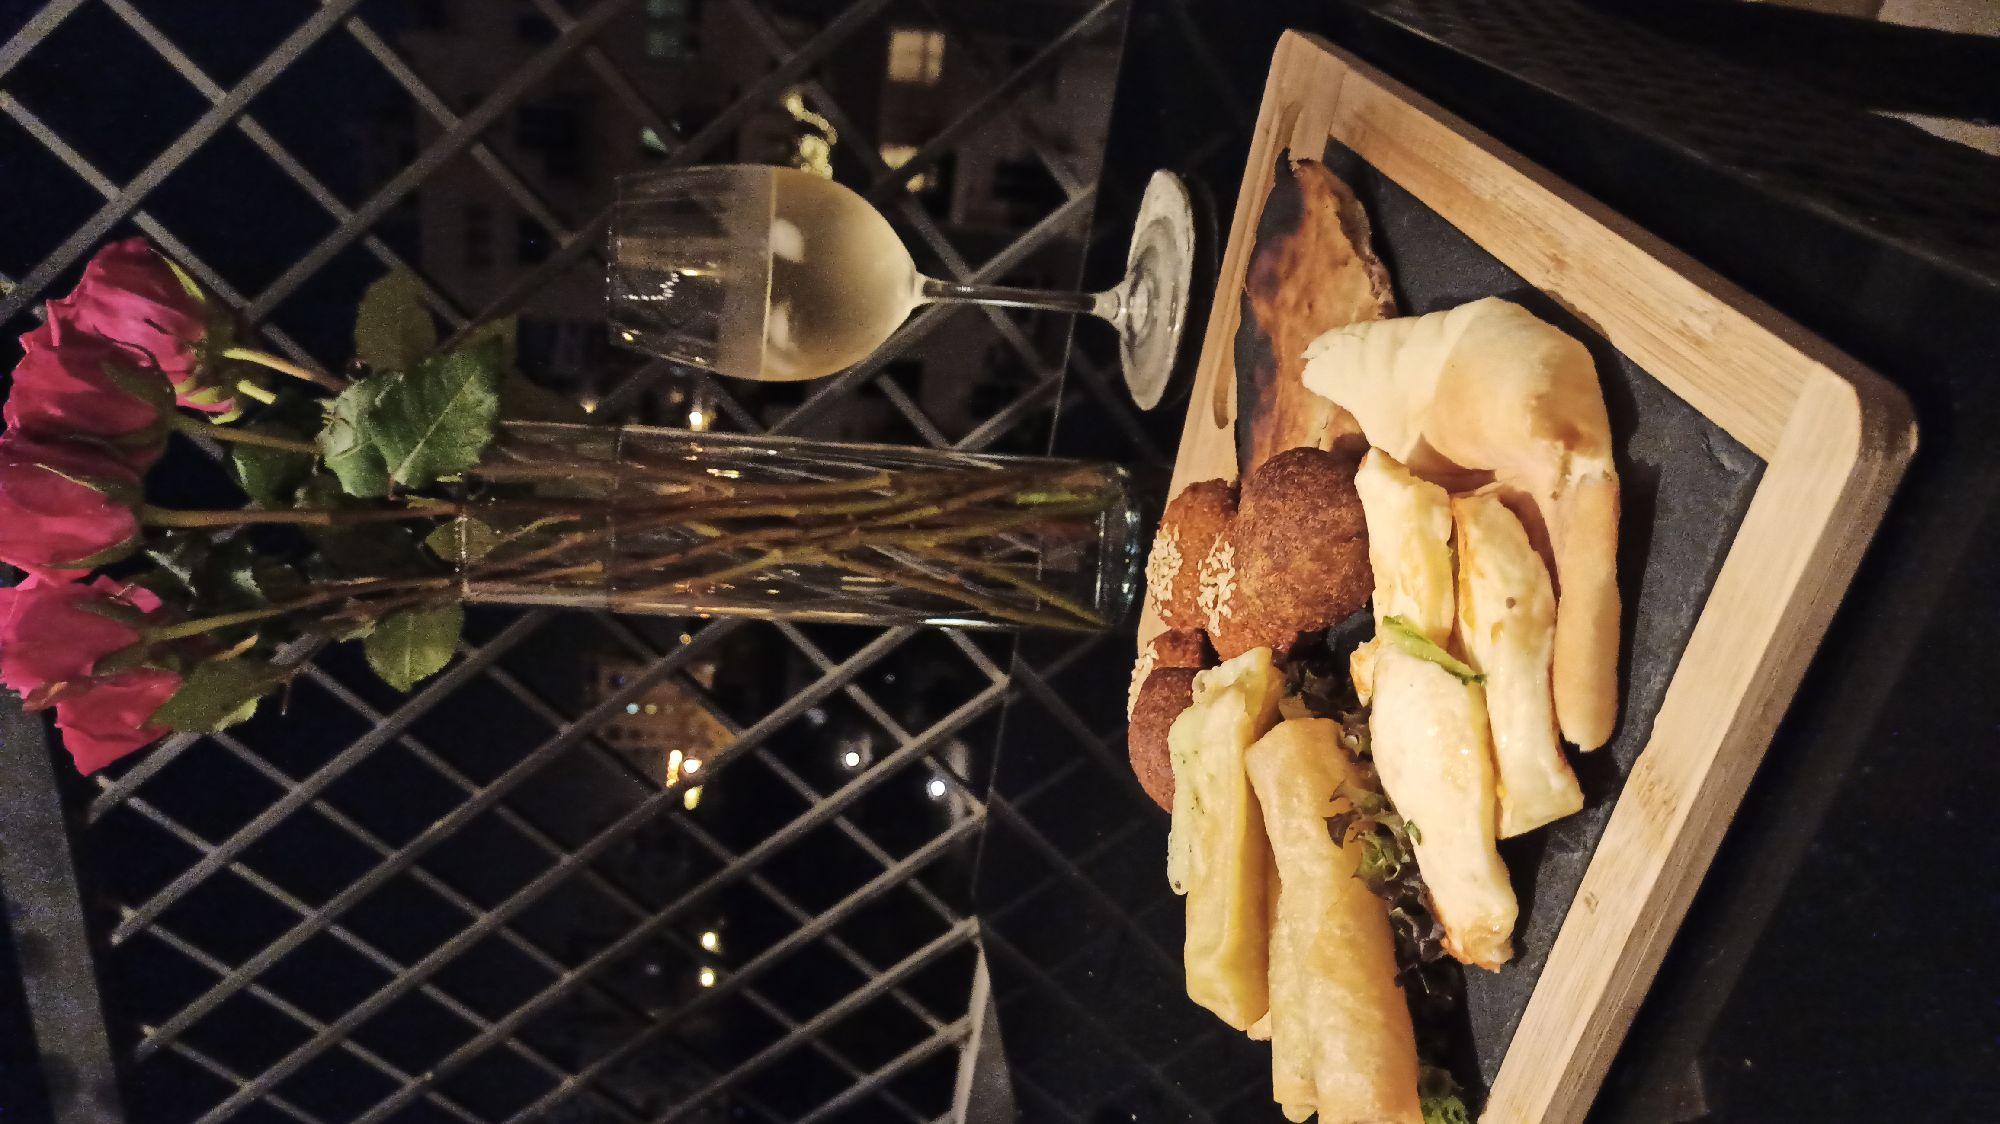 Любите арабскую еду? Мы очень, особенно ливанские закуски: фалафель, киббе, жареный халуми, манакиши там всякие...